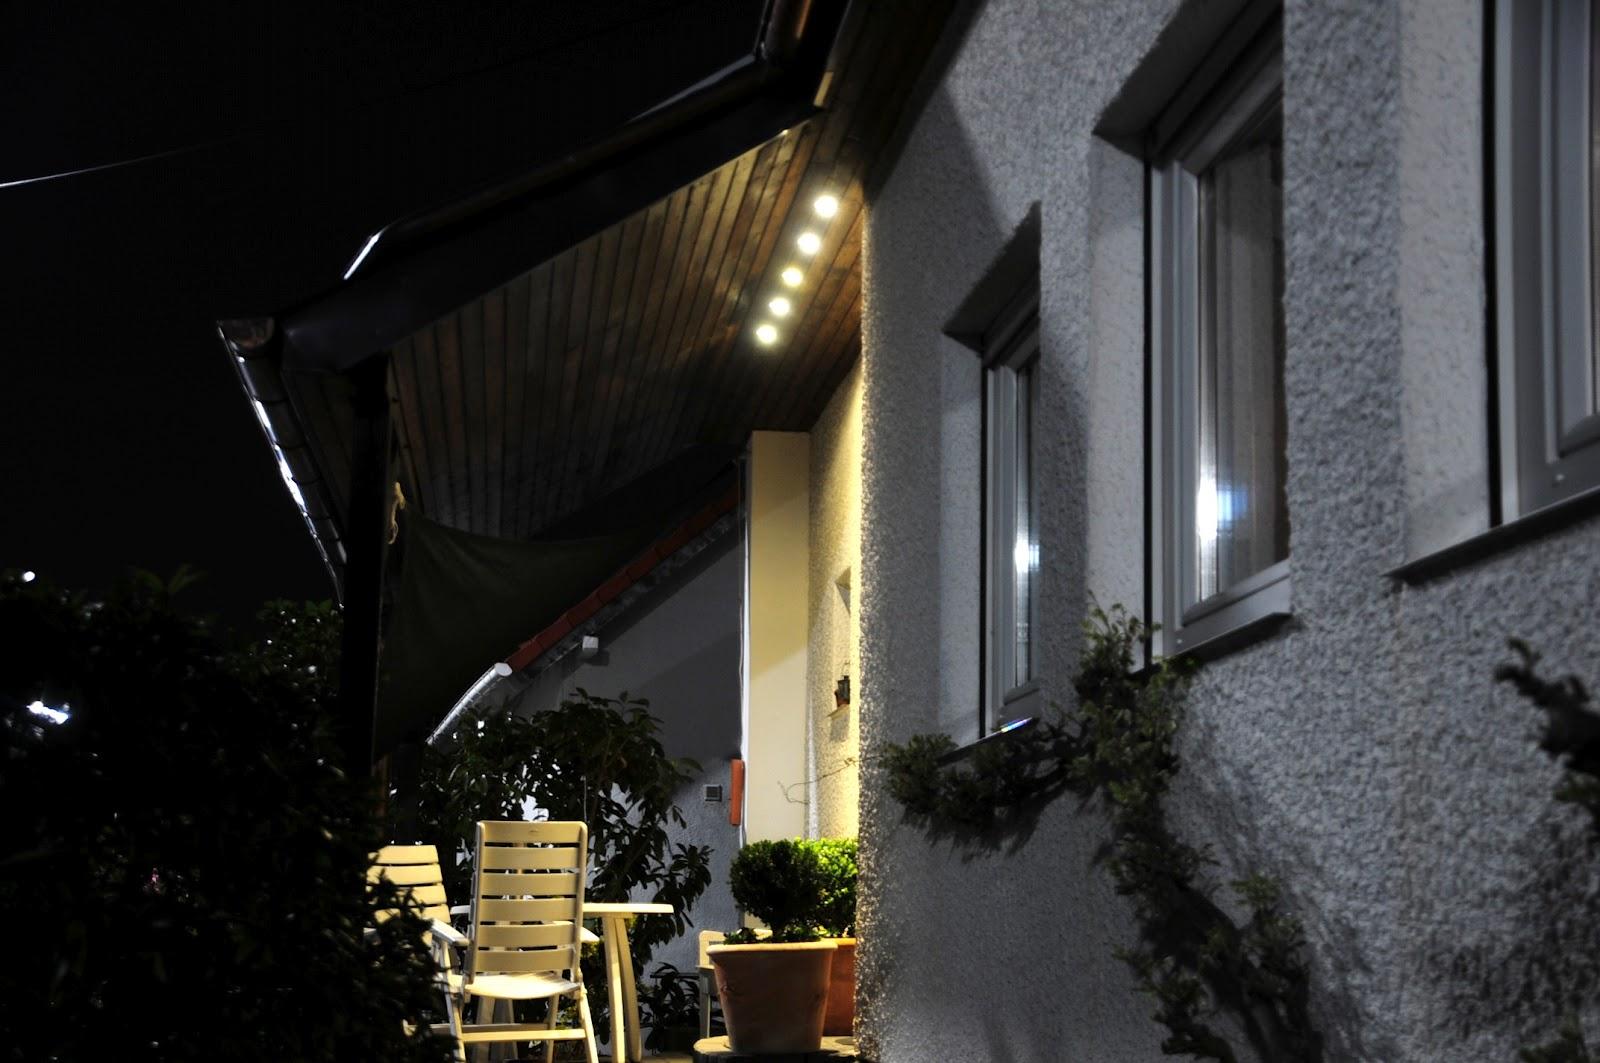 mister 20000 volt 2012 05 20. Black Bedroom Furniture Sets. Home Design Ideas